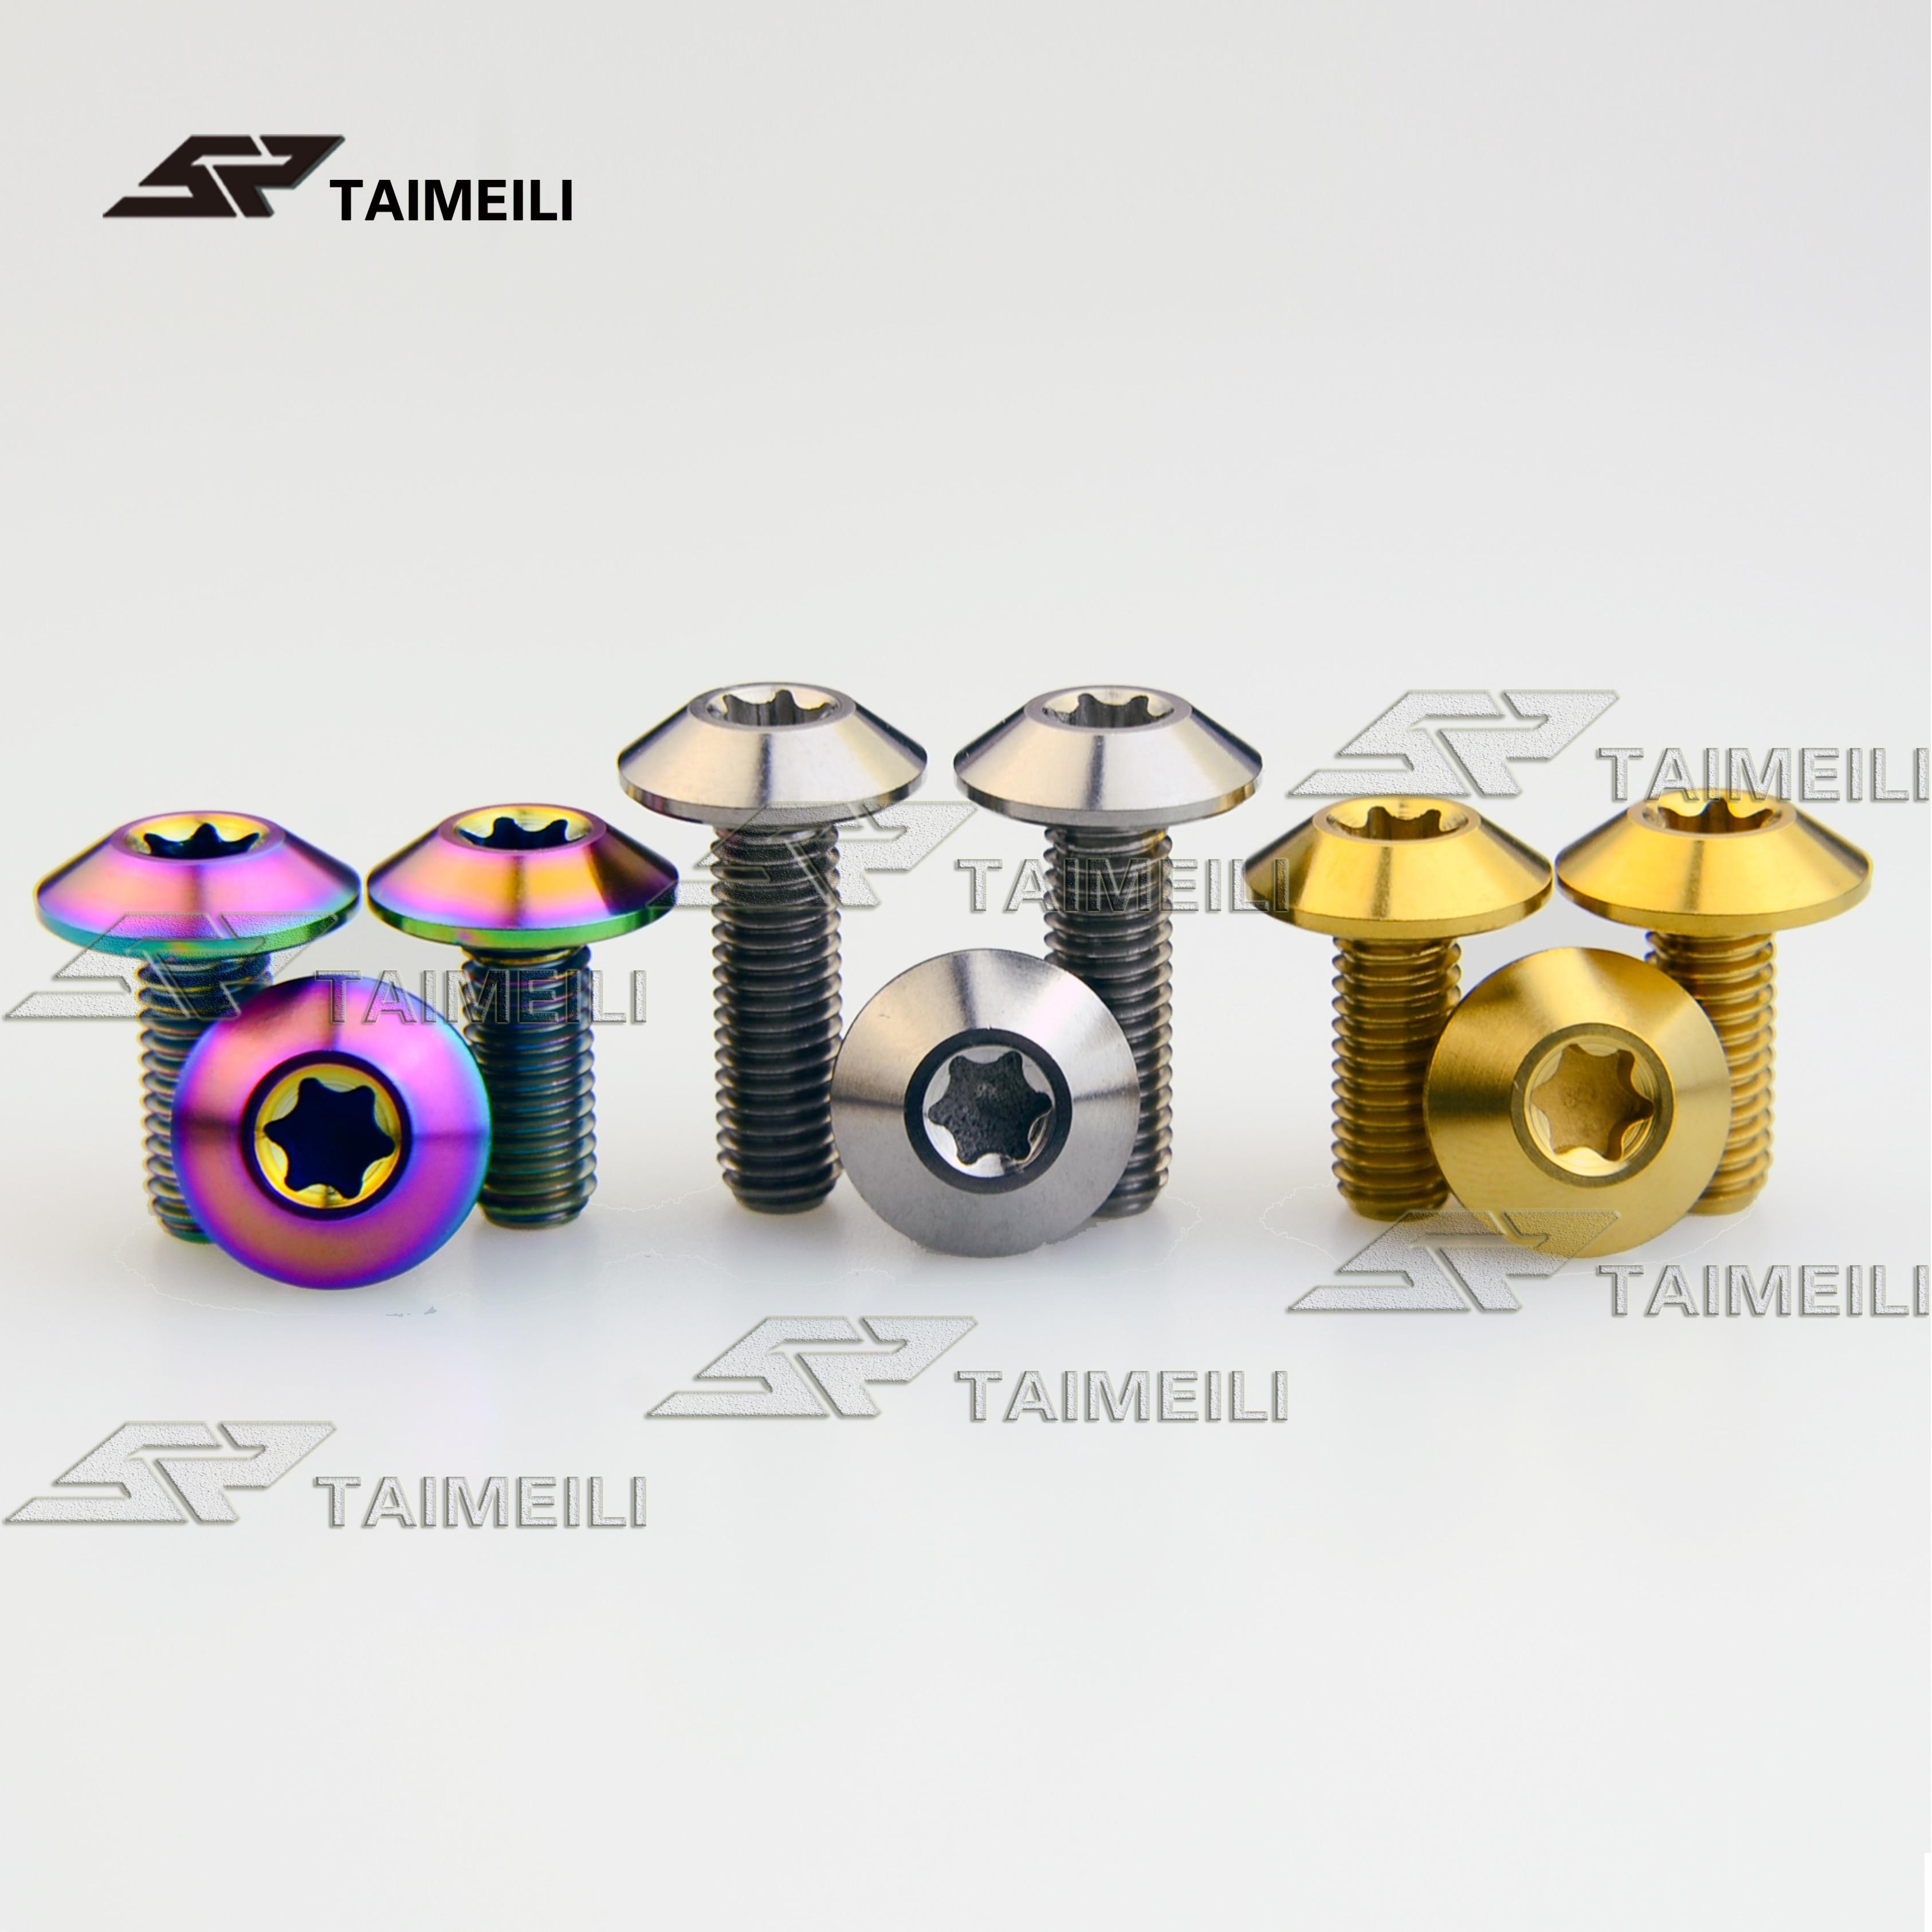 4pcs Titanium Bolts M6 x 12//15//20mm Umbrella shaped Head Screws